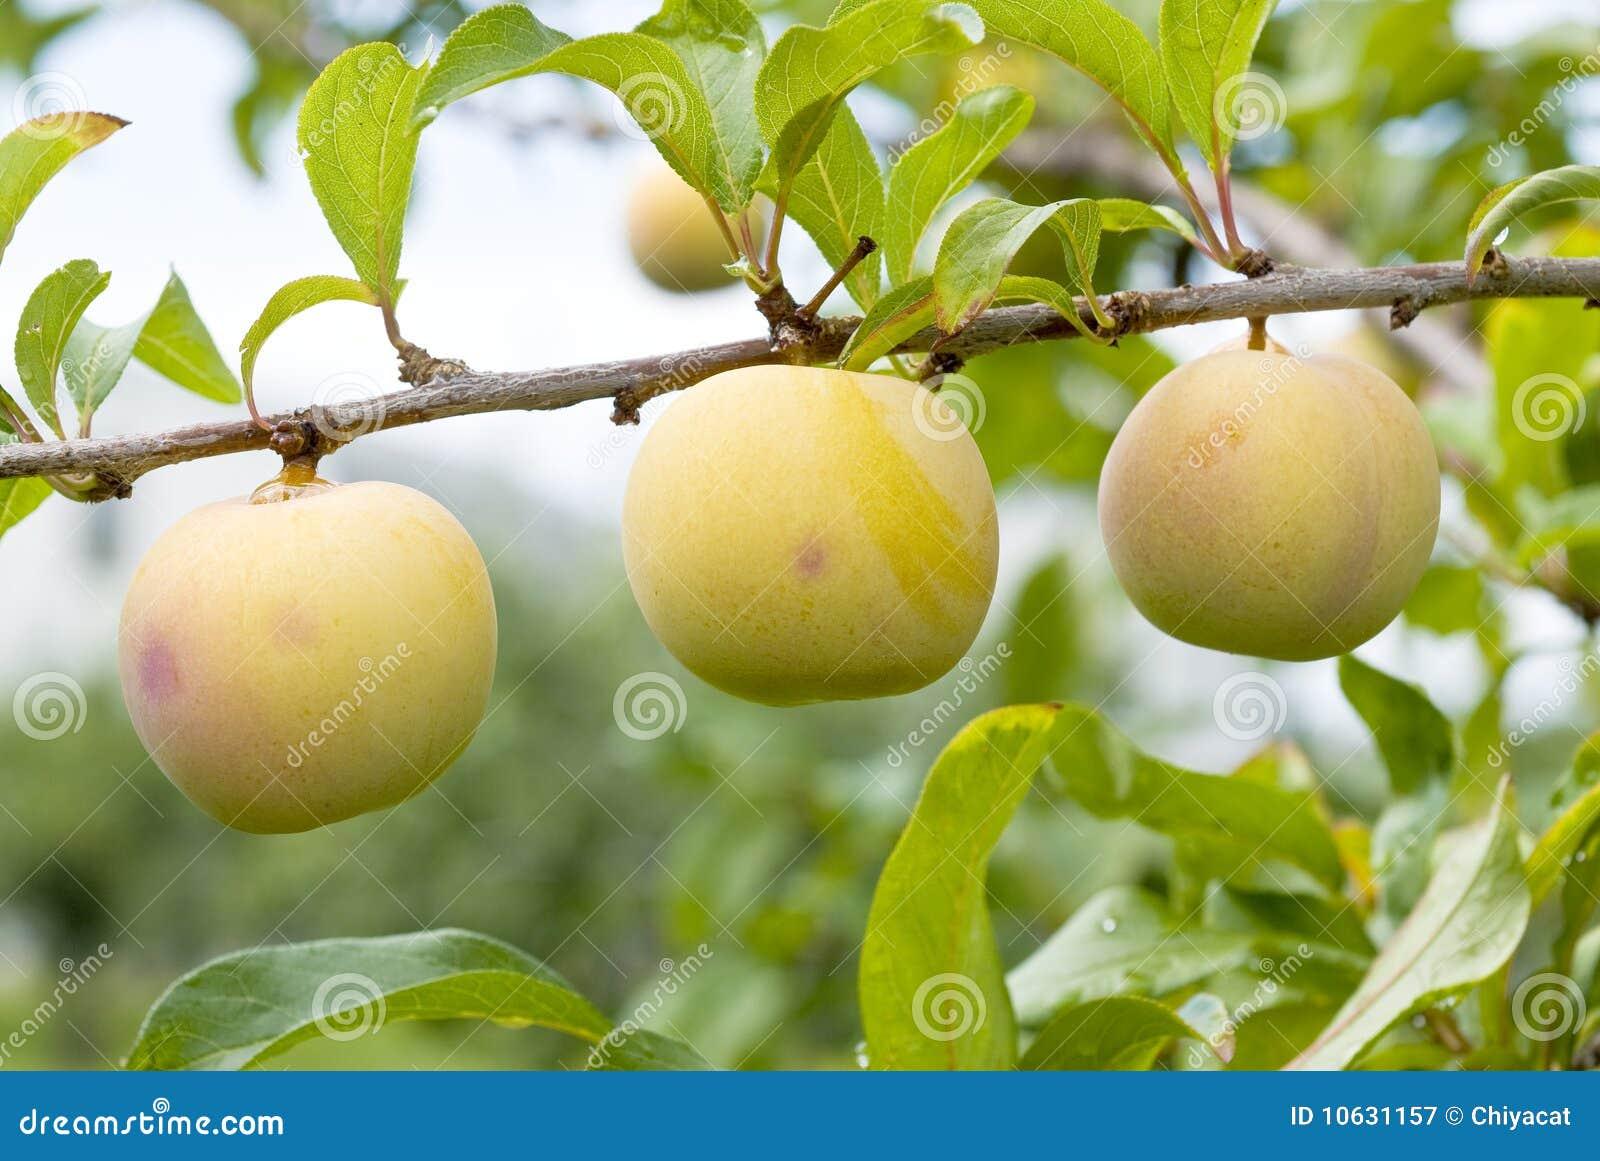 gelbe pflaumen die auf dem baum reifen stockbild bild von frucht landwirtschaft 10631157. Black Bedroom Furniture Sets. Home Design Ideas